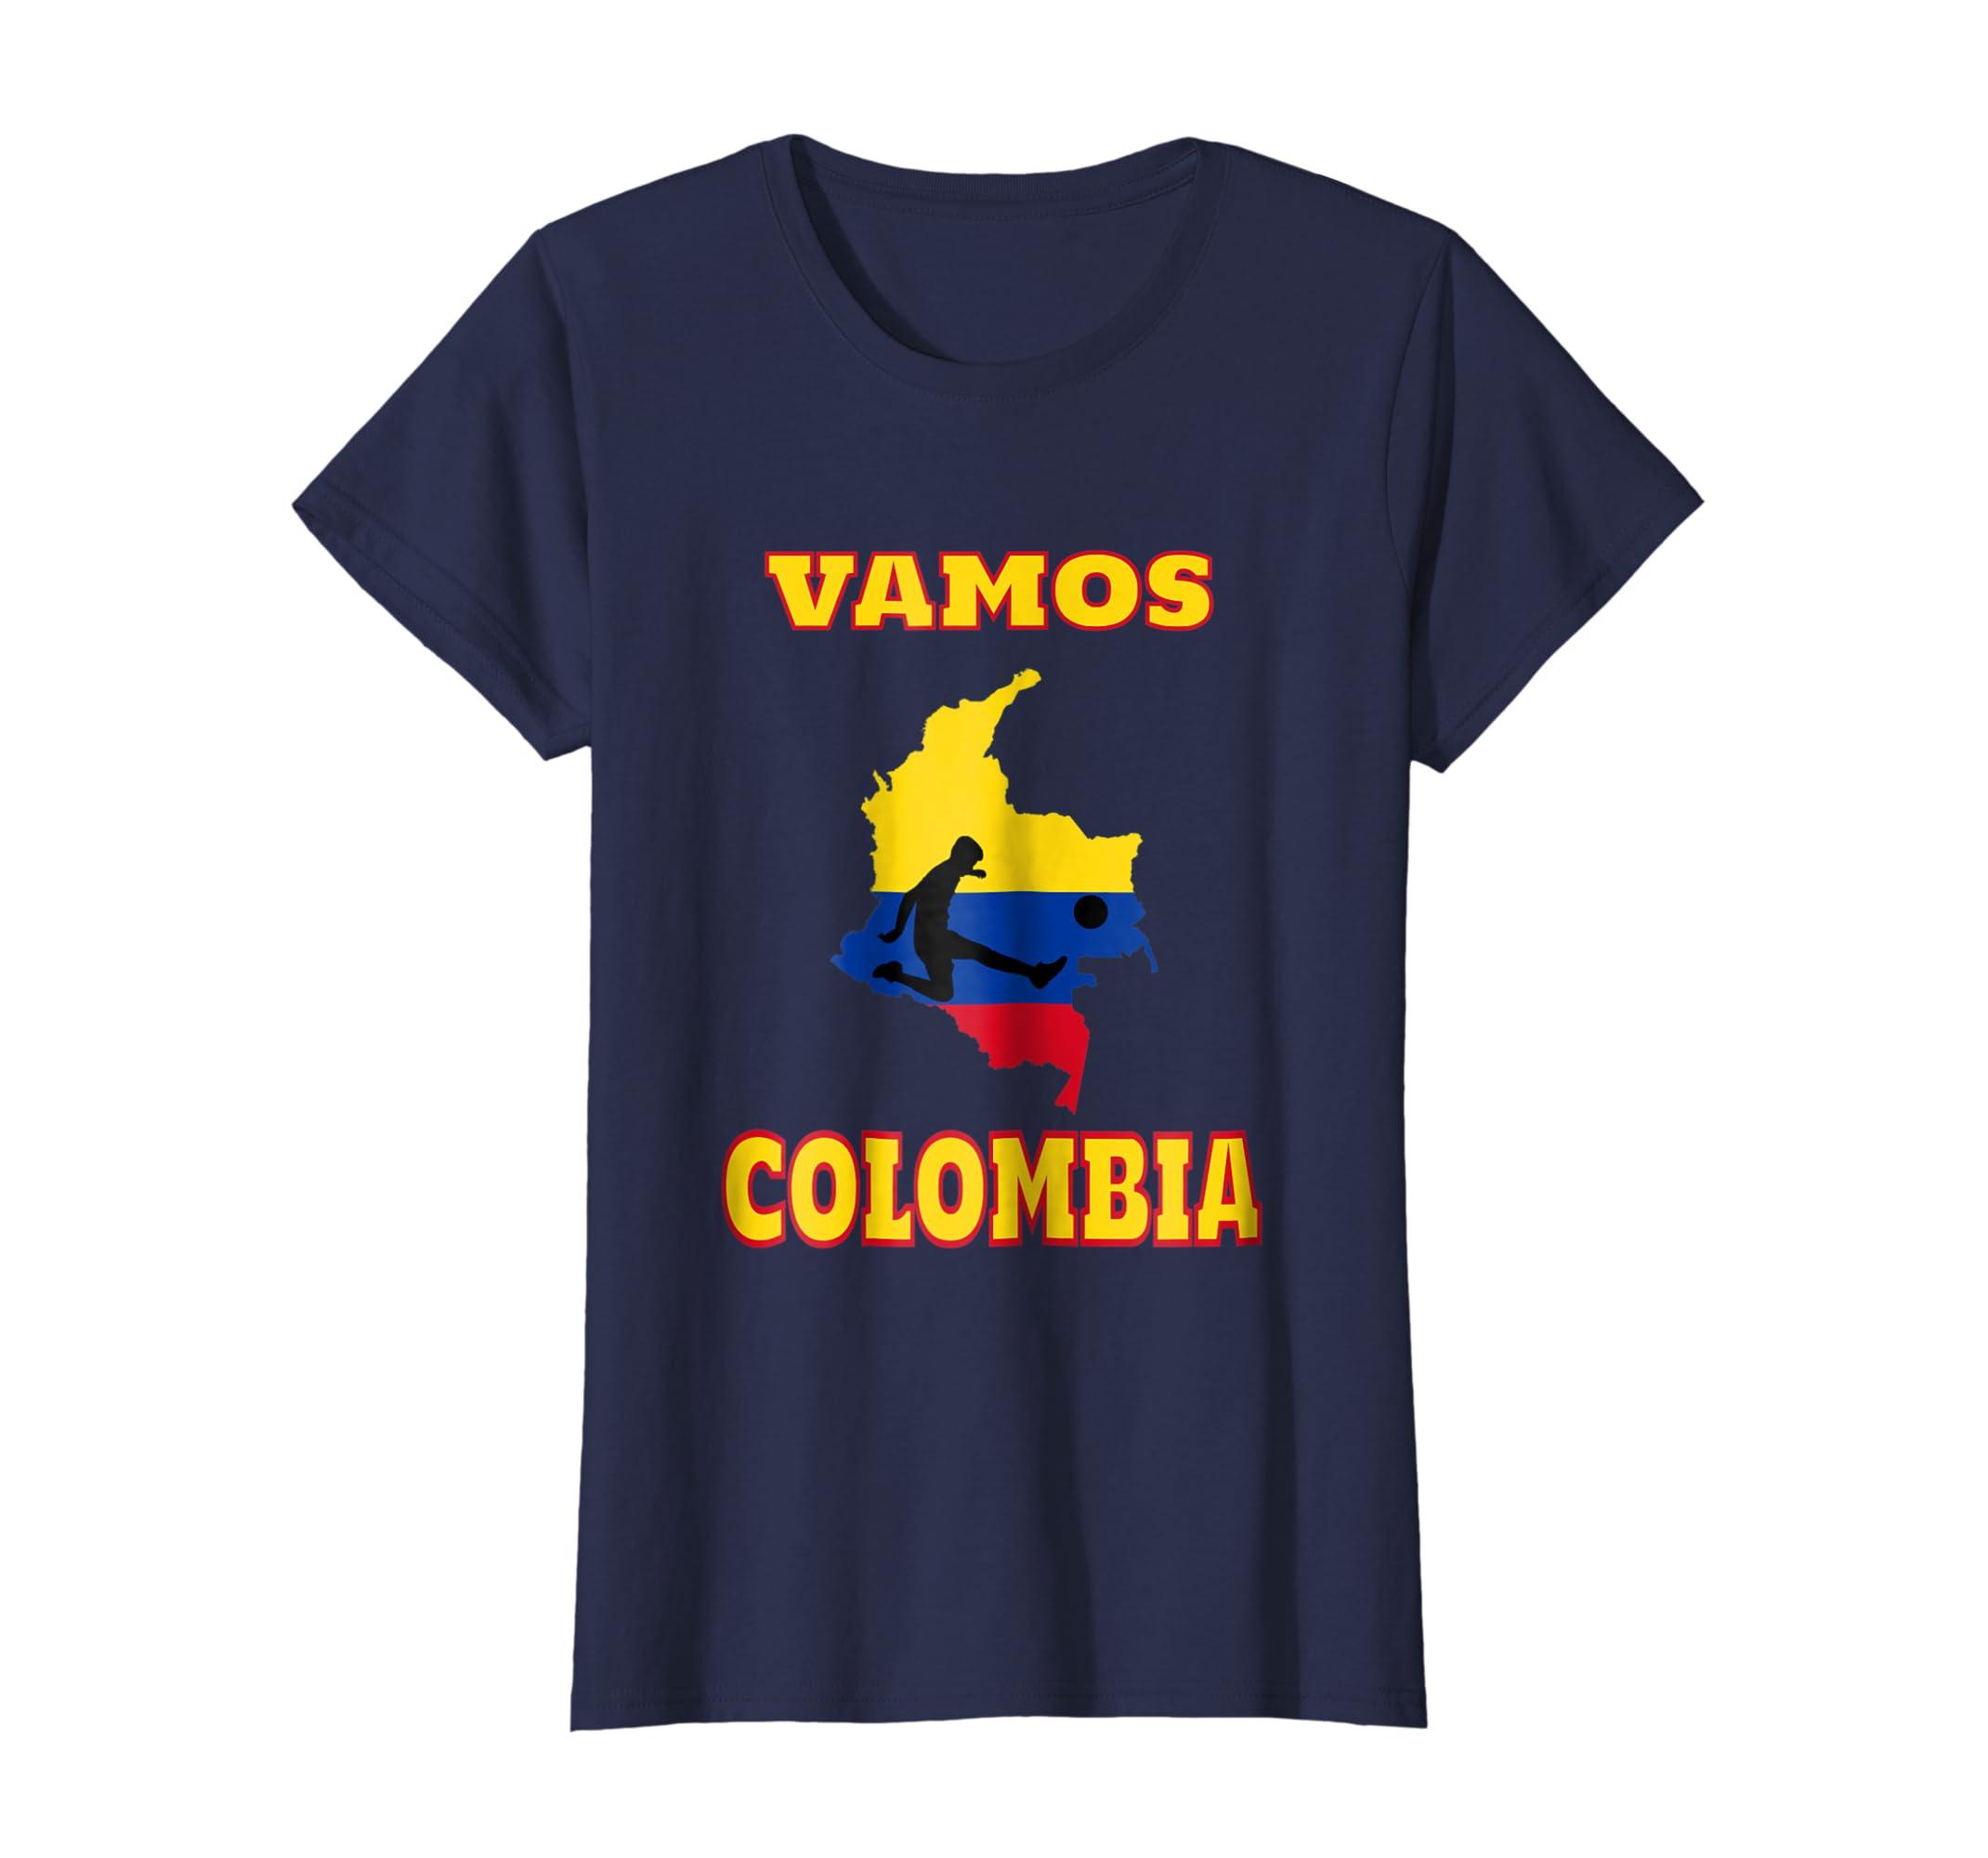 Amazon.com: camiseta seleccion colombia 2018 futbol Mujer Hombre y ninos: Clothing